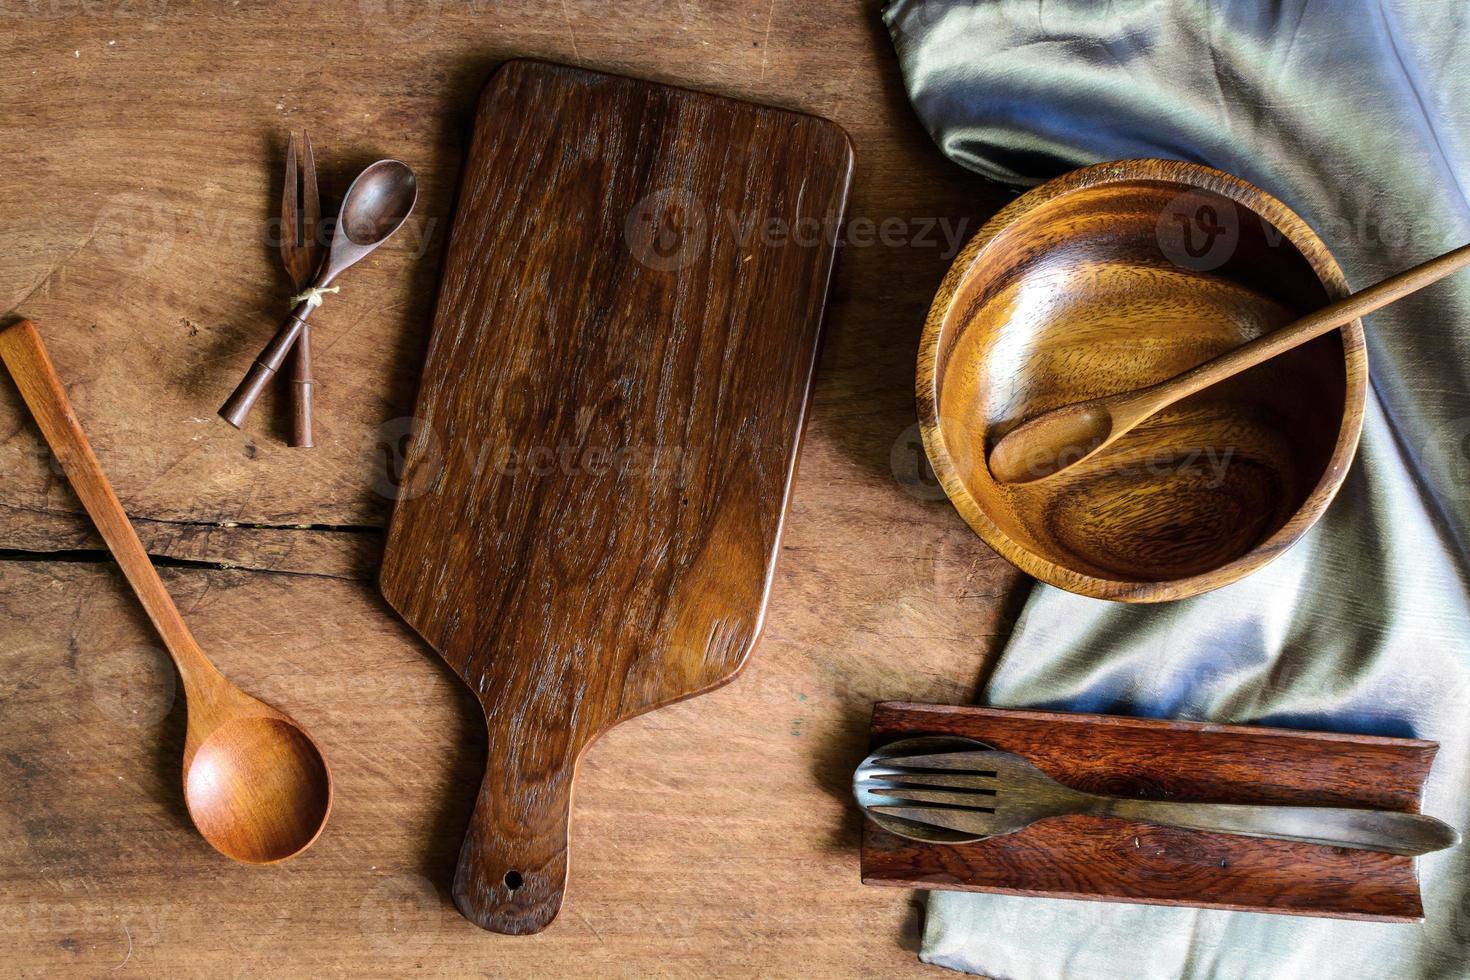 Utensilio de madera en la cocina sobre fondo de madera vieja foto